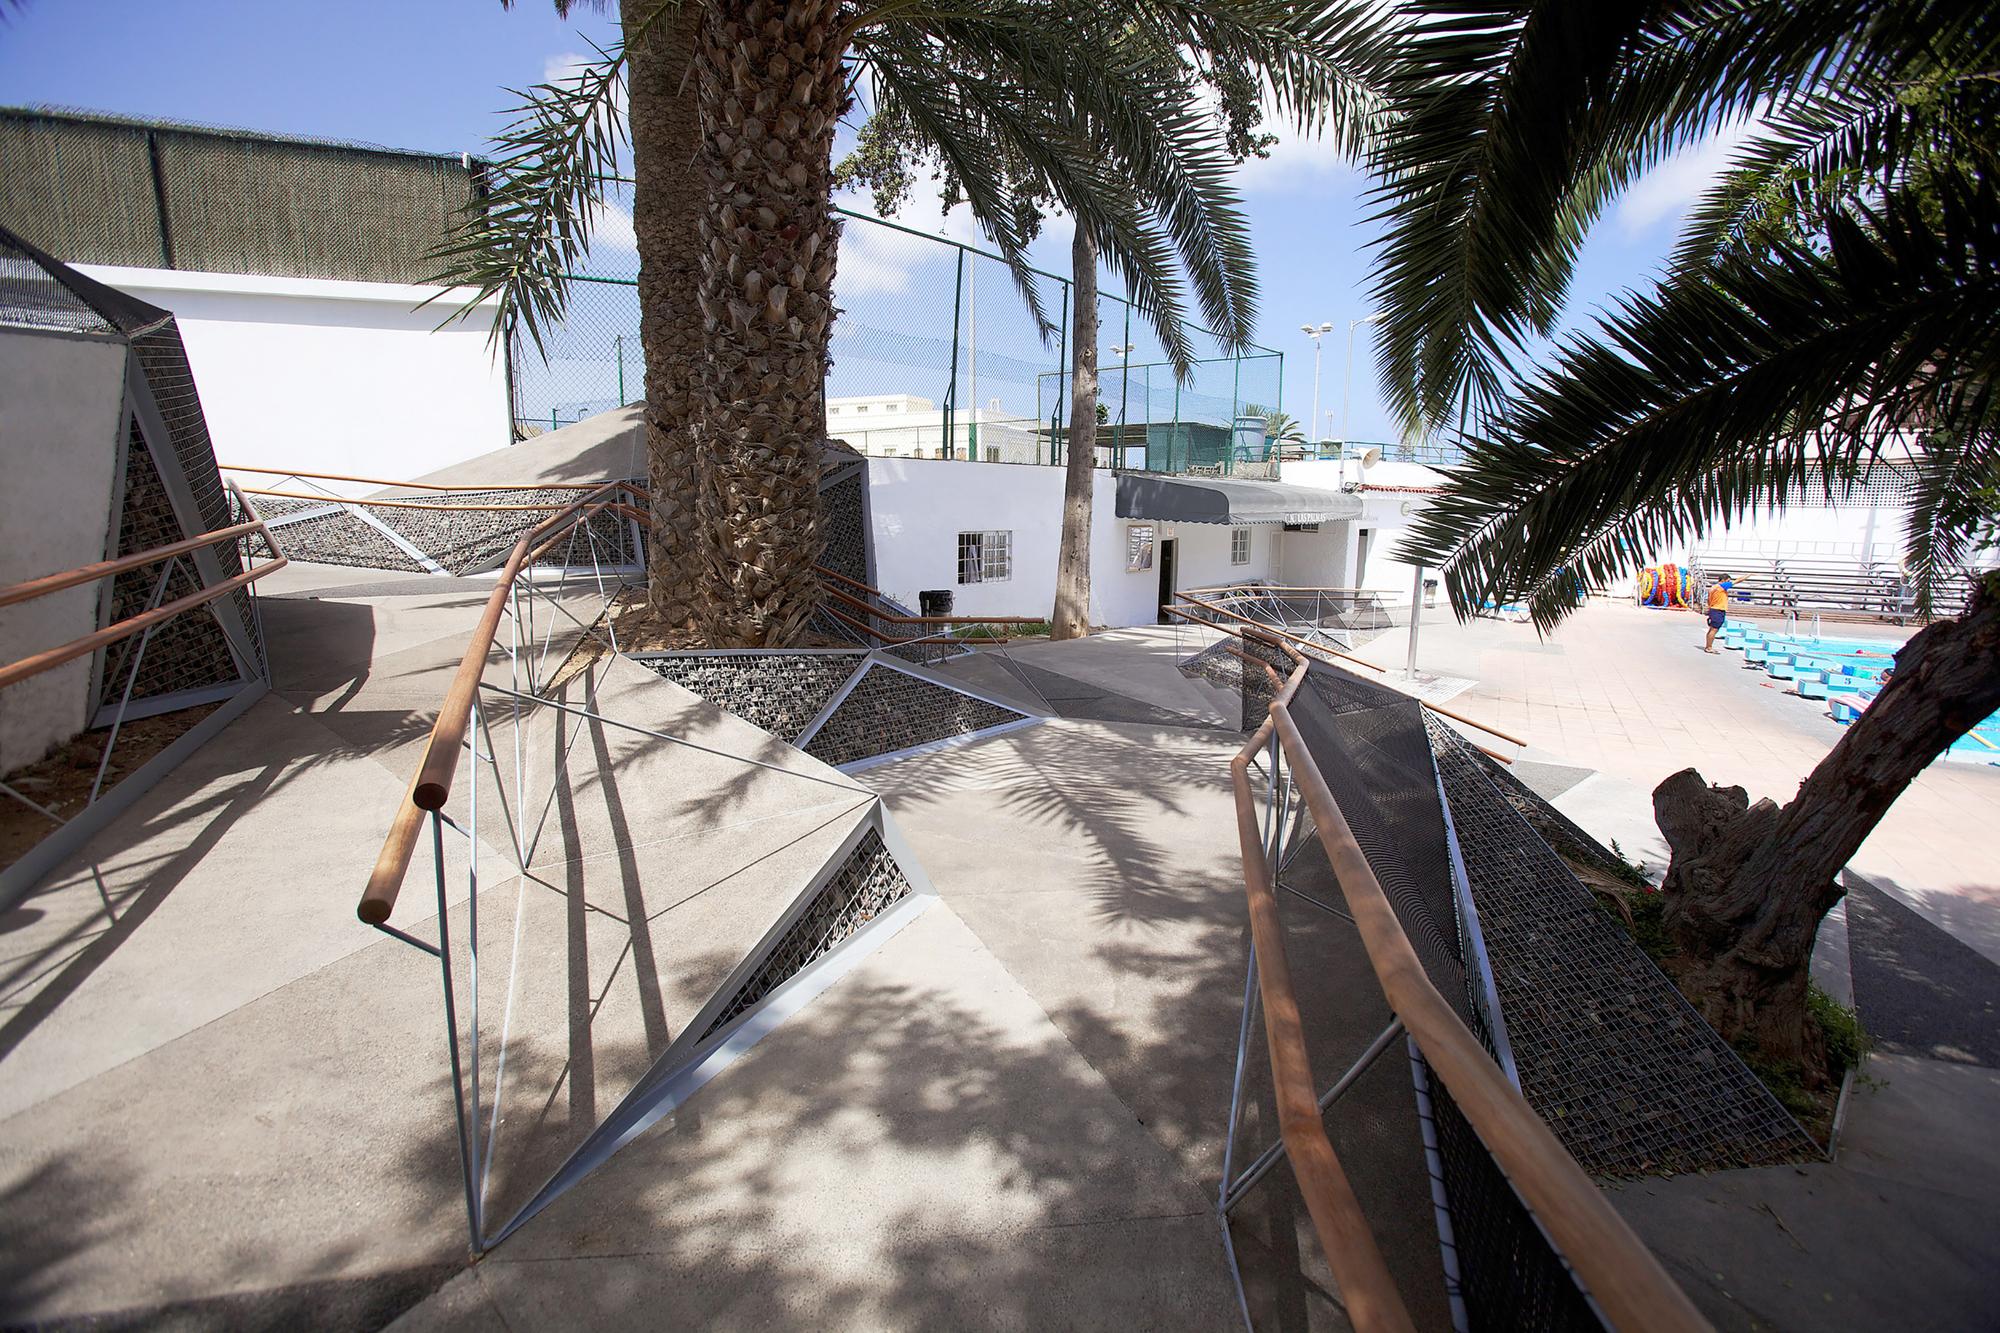 Construcci n triangular genera una escalera y rampa que for Piscina julio navarro